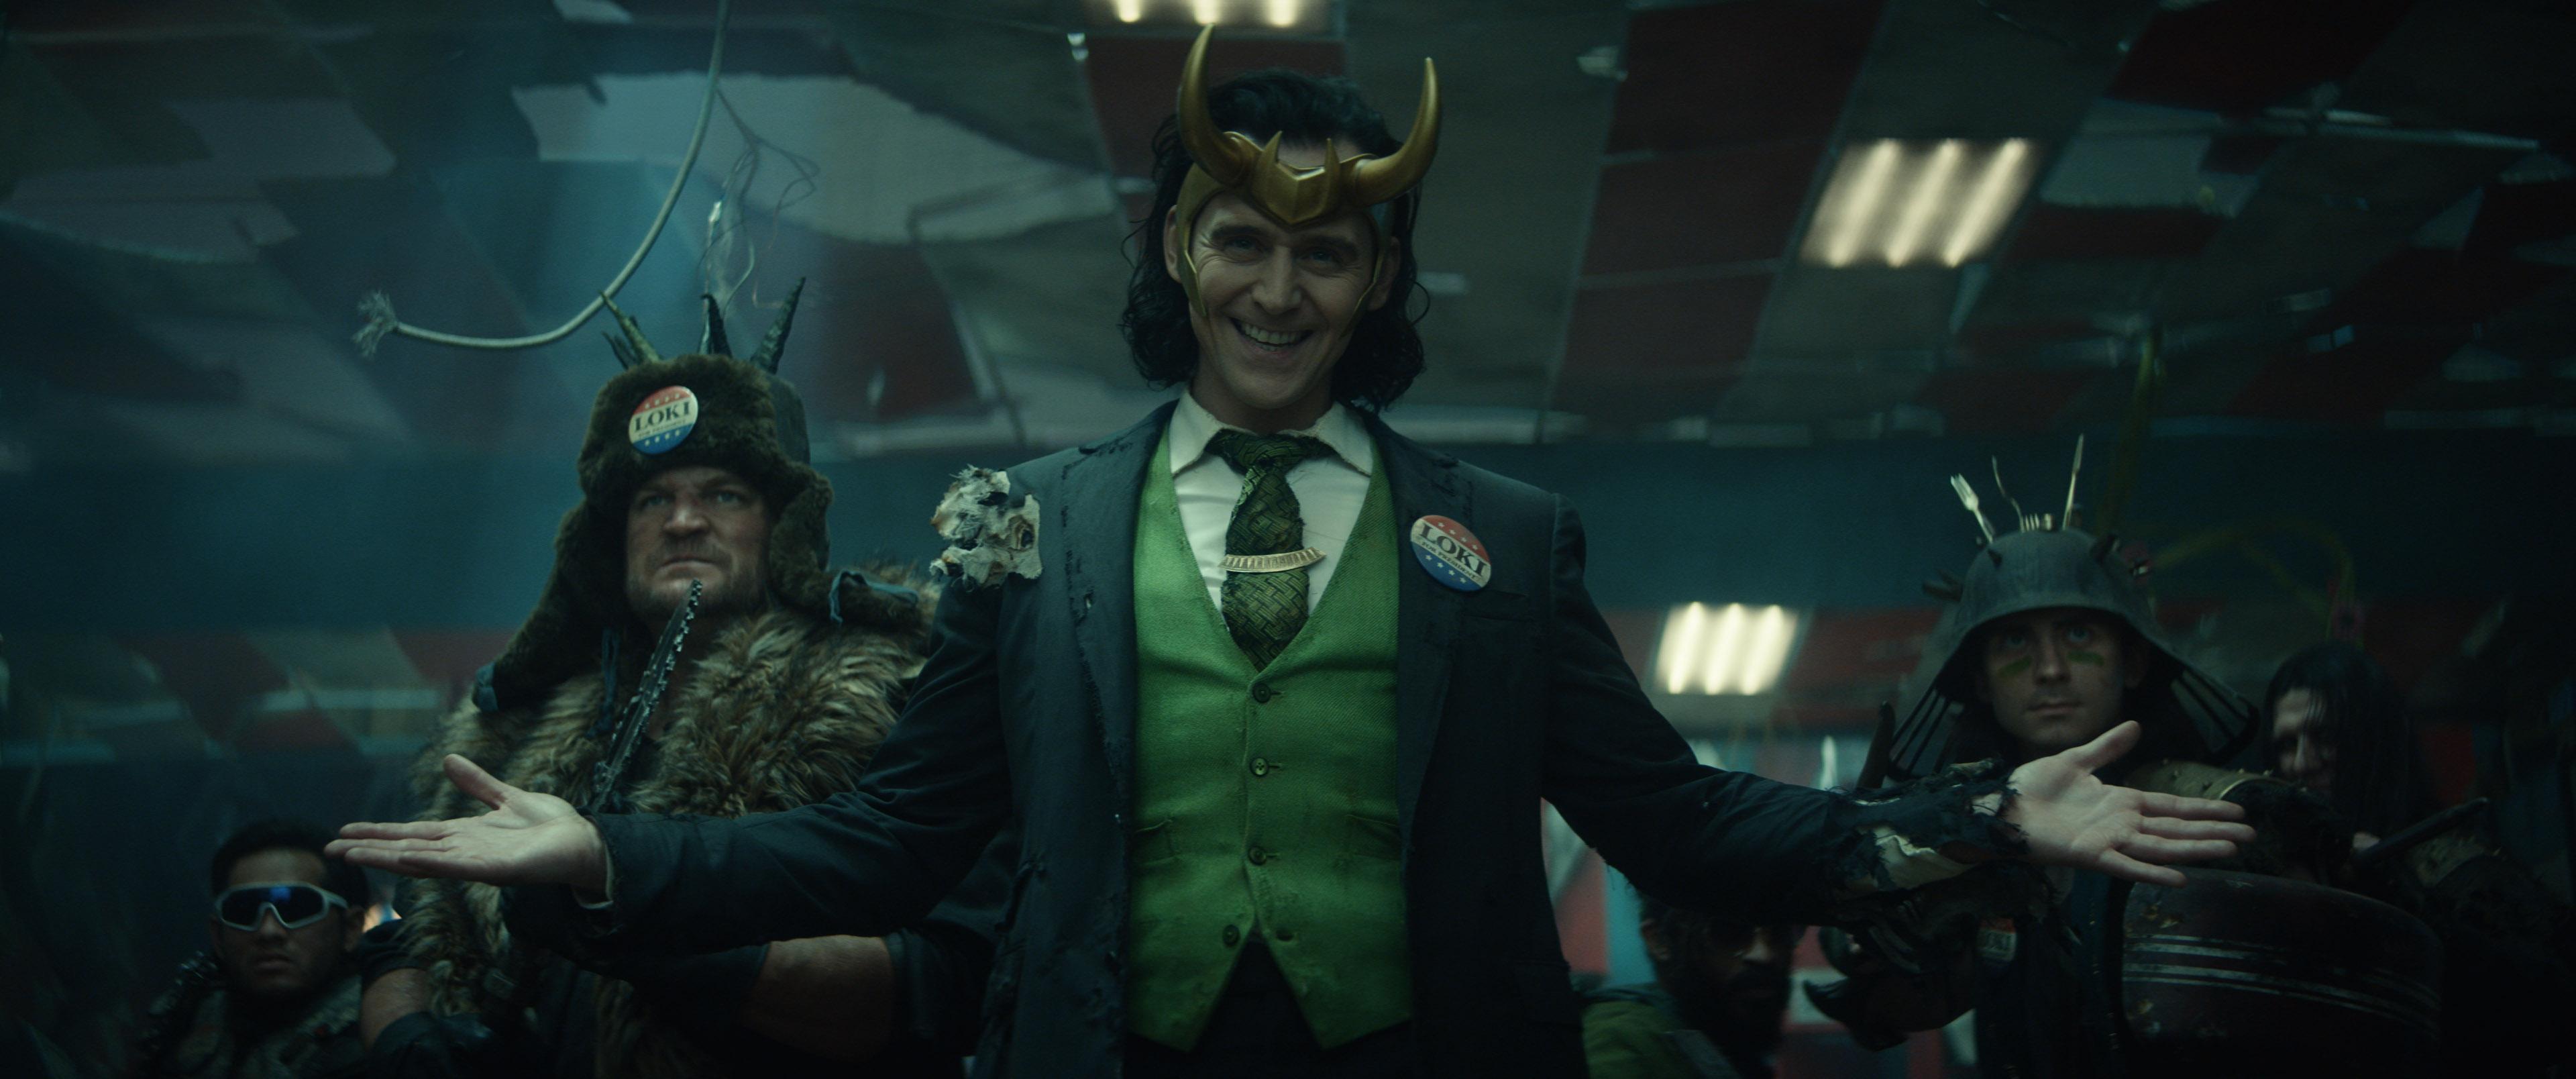 Disney+ | Loki recebe seu primeiro trailer